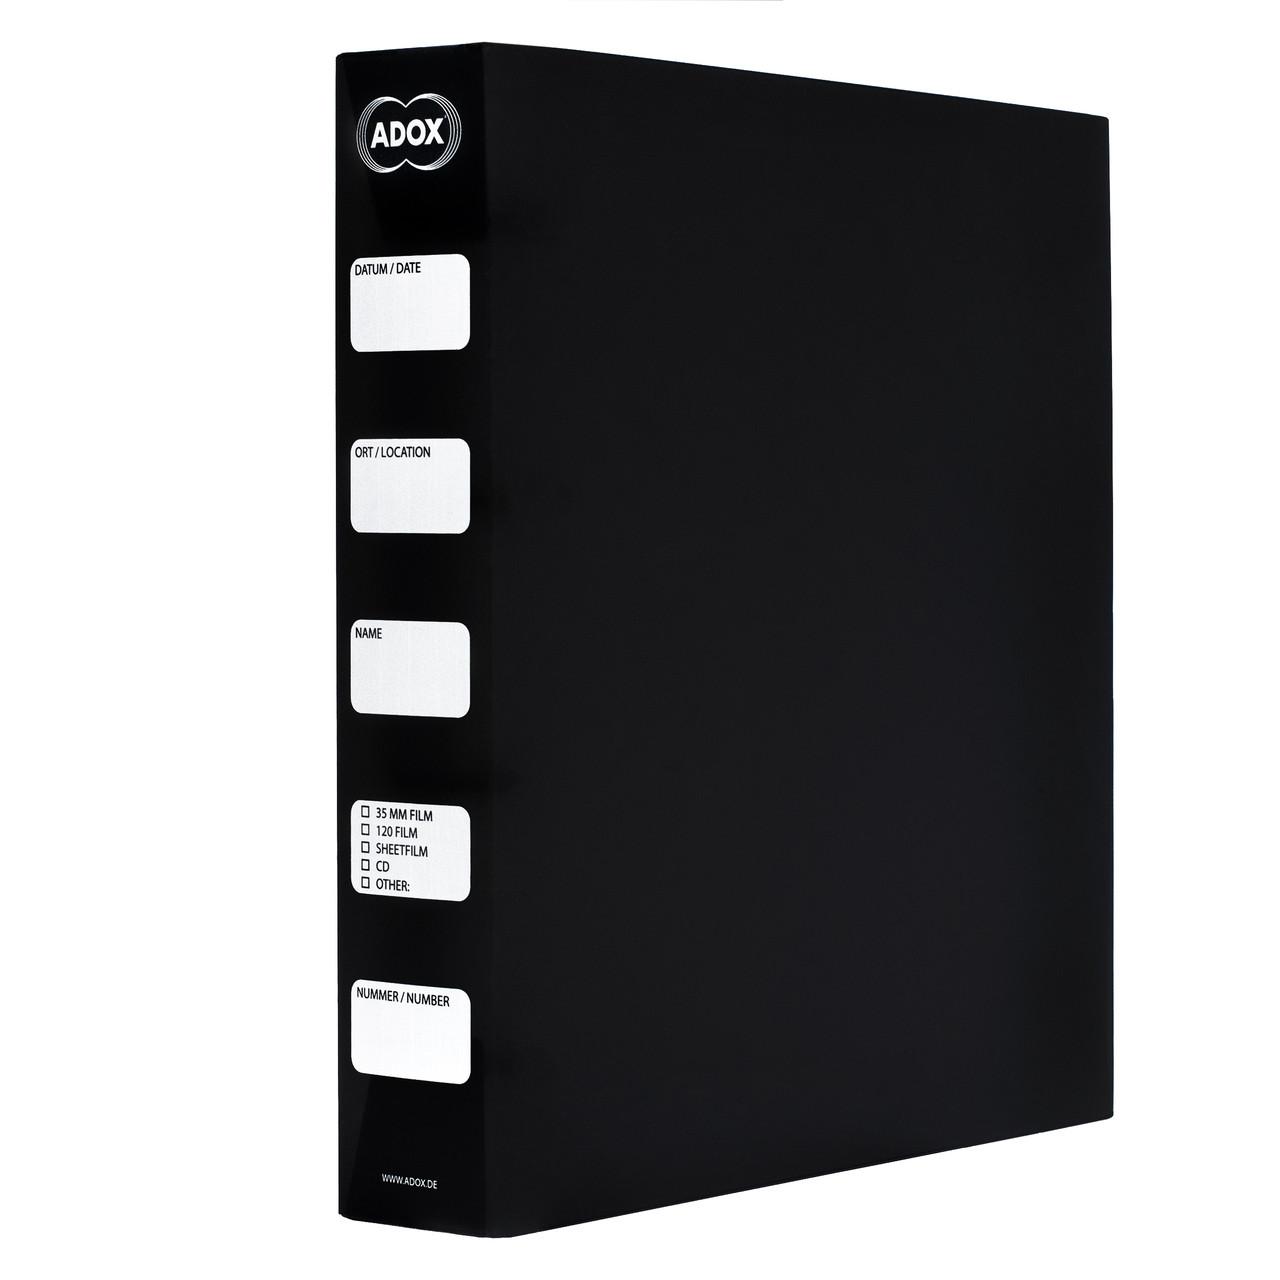 Папка-коробка ADOX Adofile пластиковая на кольцах для архивного хранения негативов в принт-файлах